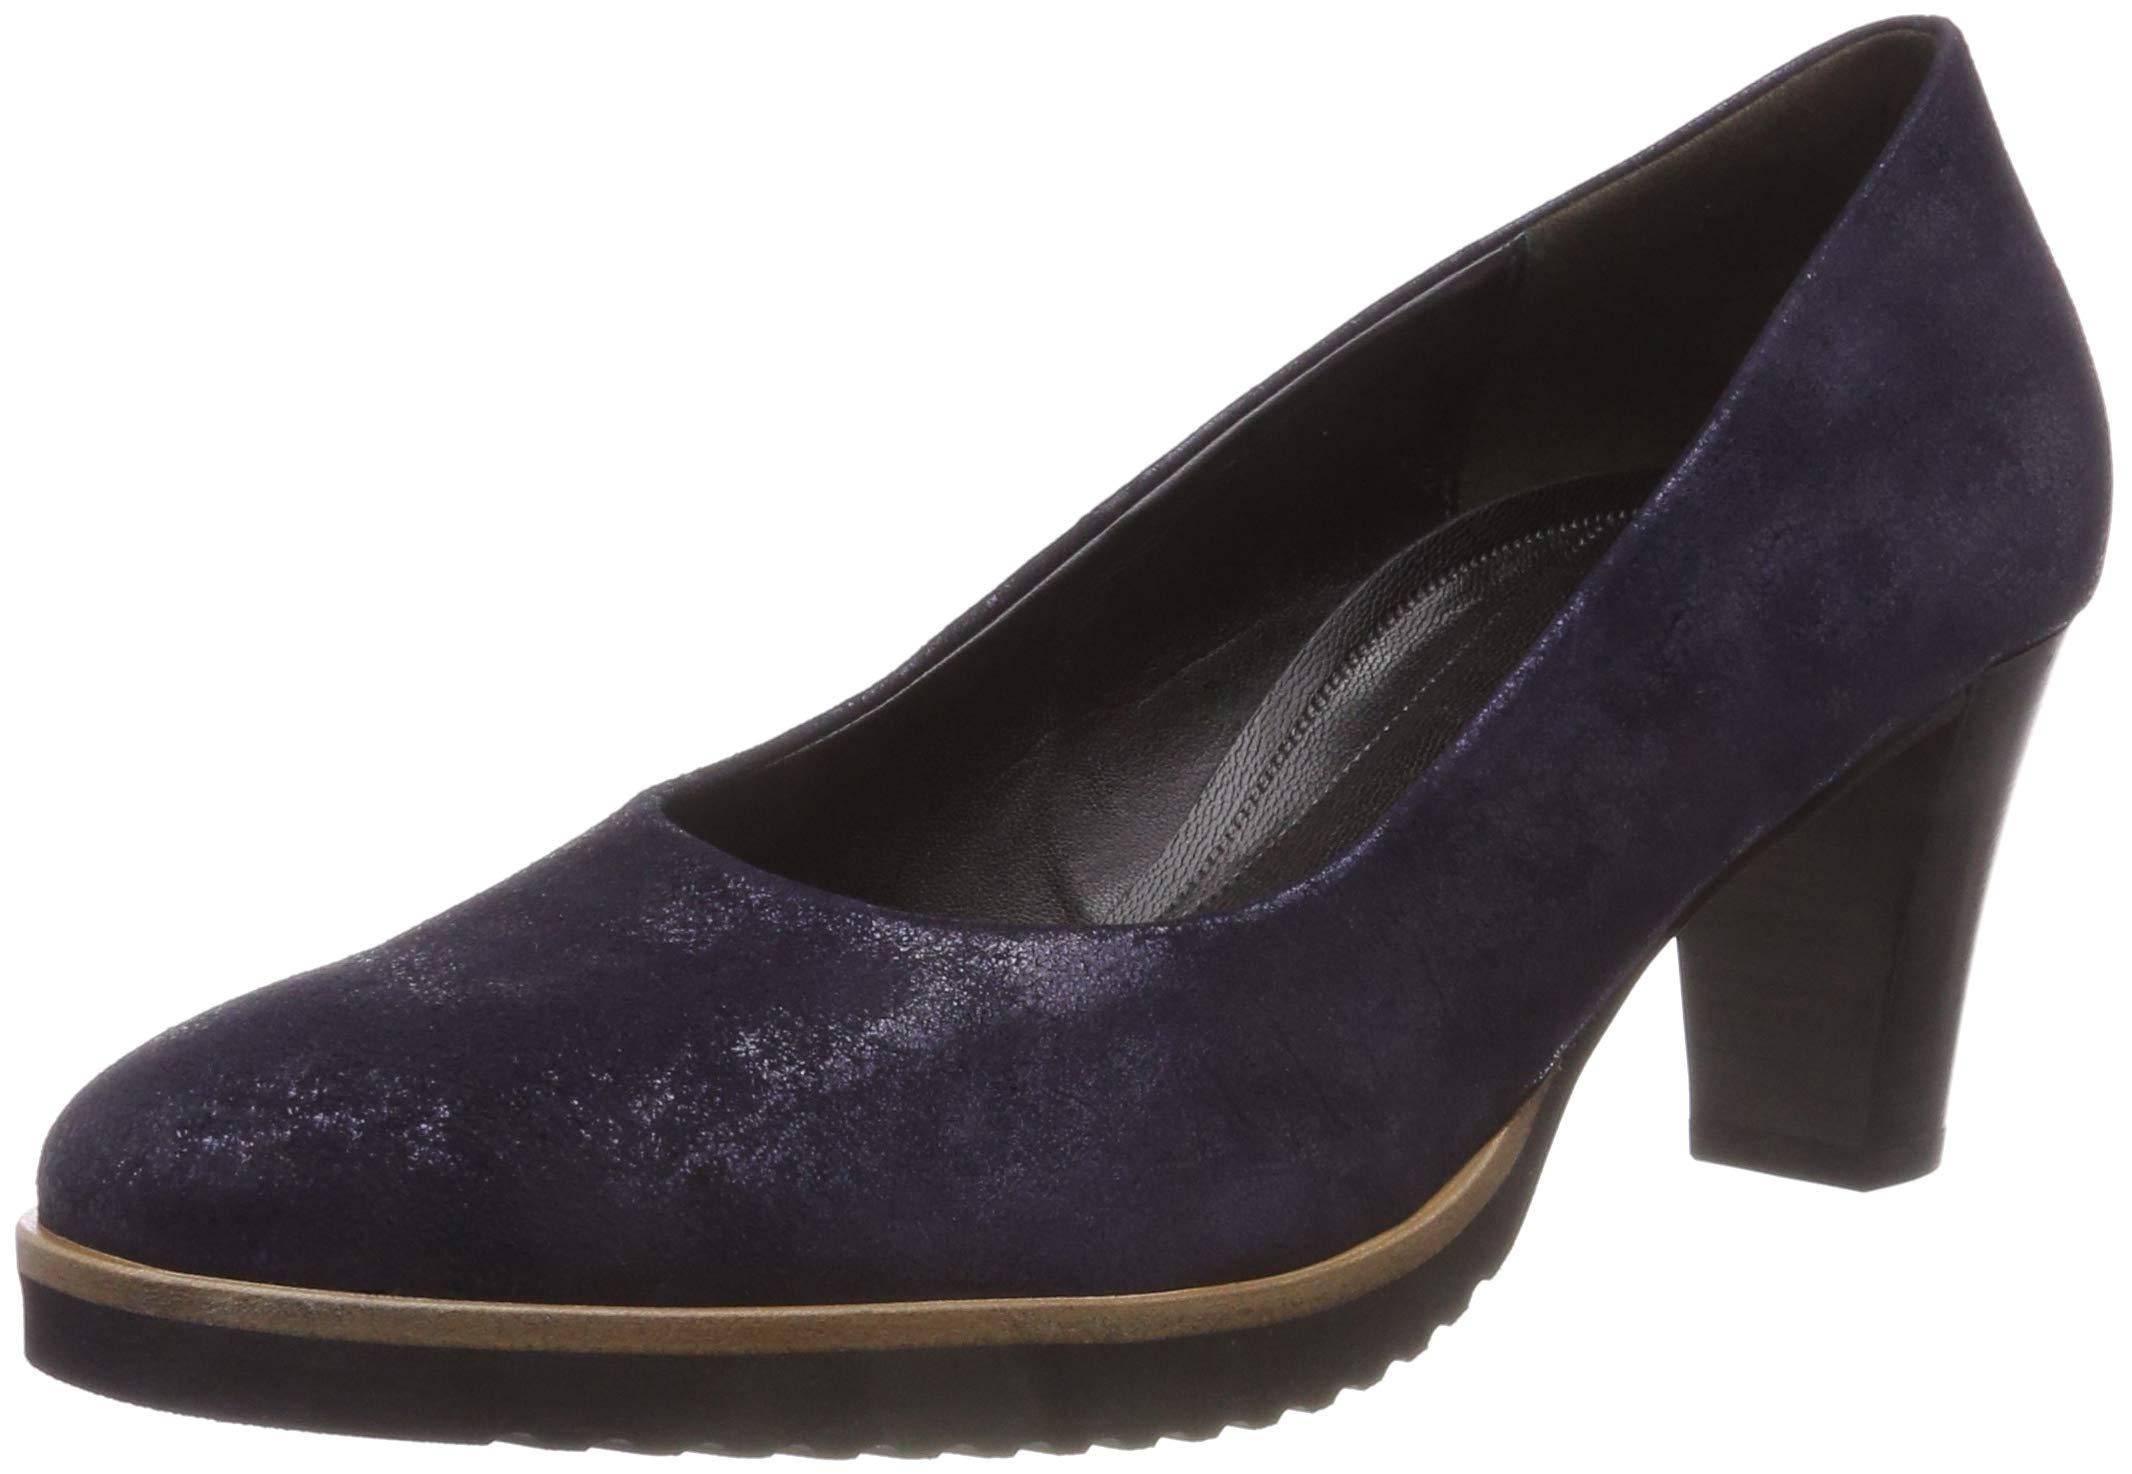 Shoes s9642 5 Gabor FemmeBleuatlantik s a Comfort Eu FashionEscarpins c b7yf6g